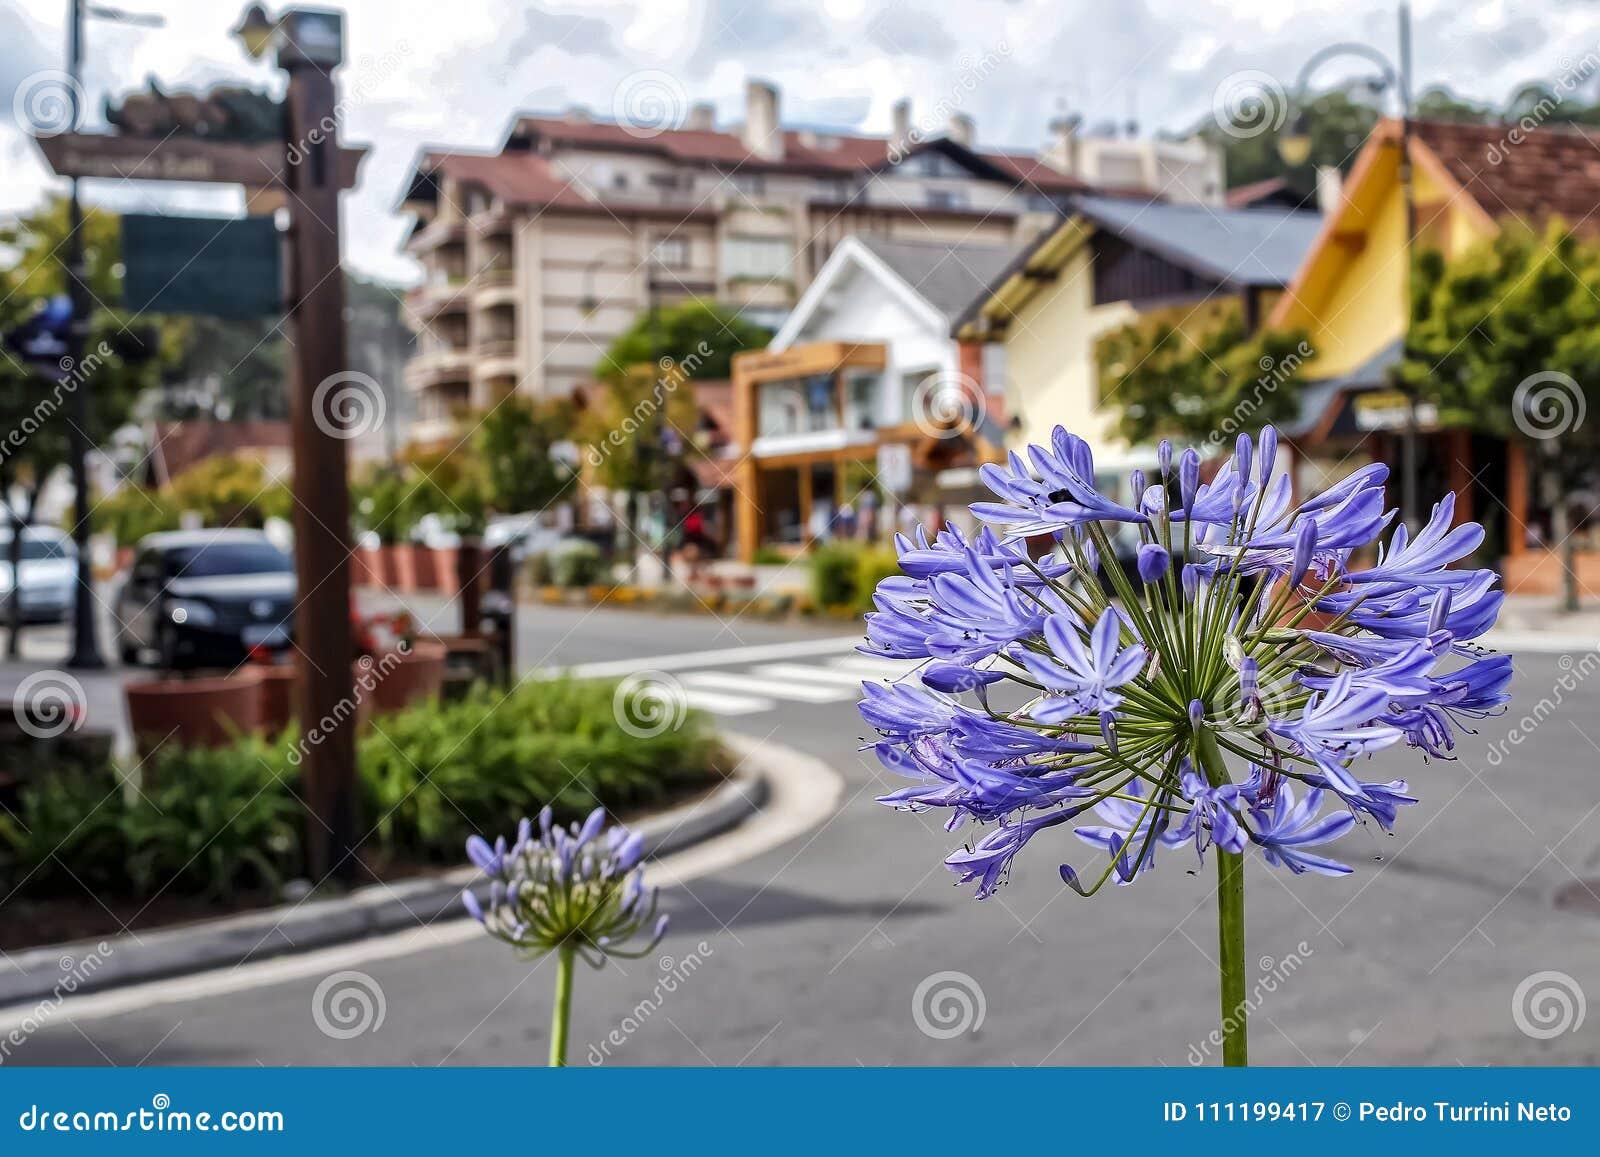 Flower on the Avenue Borges de Medeiros in Gramado, Rio Grande Do Sul, Brazil